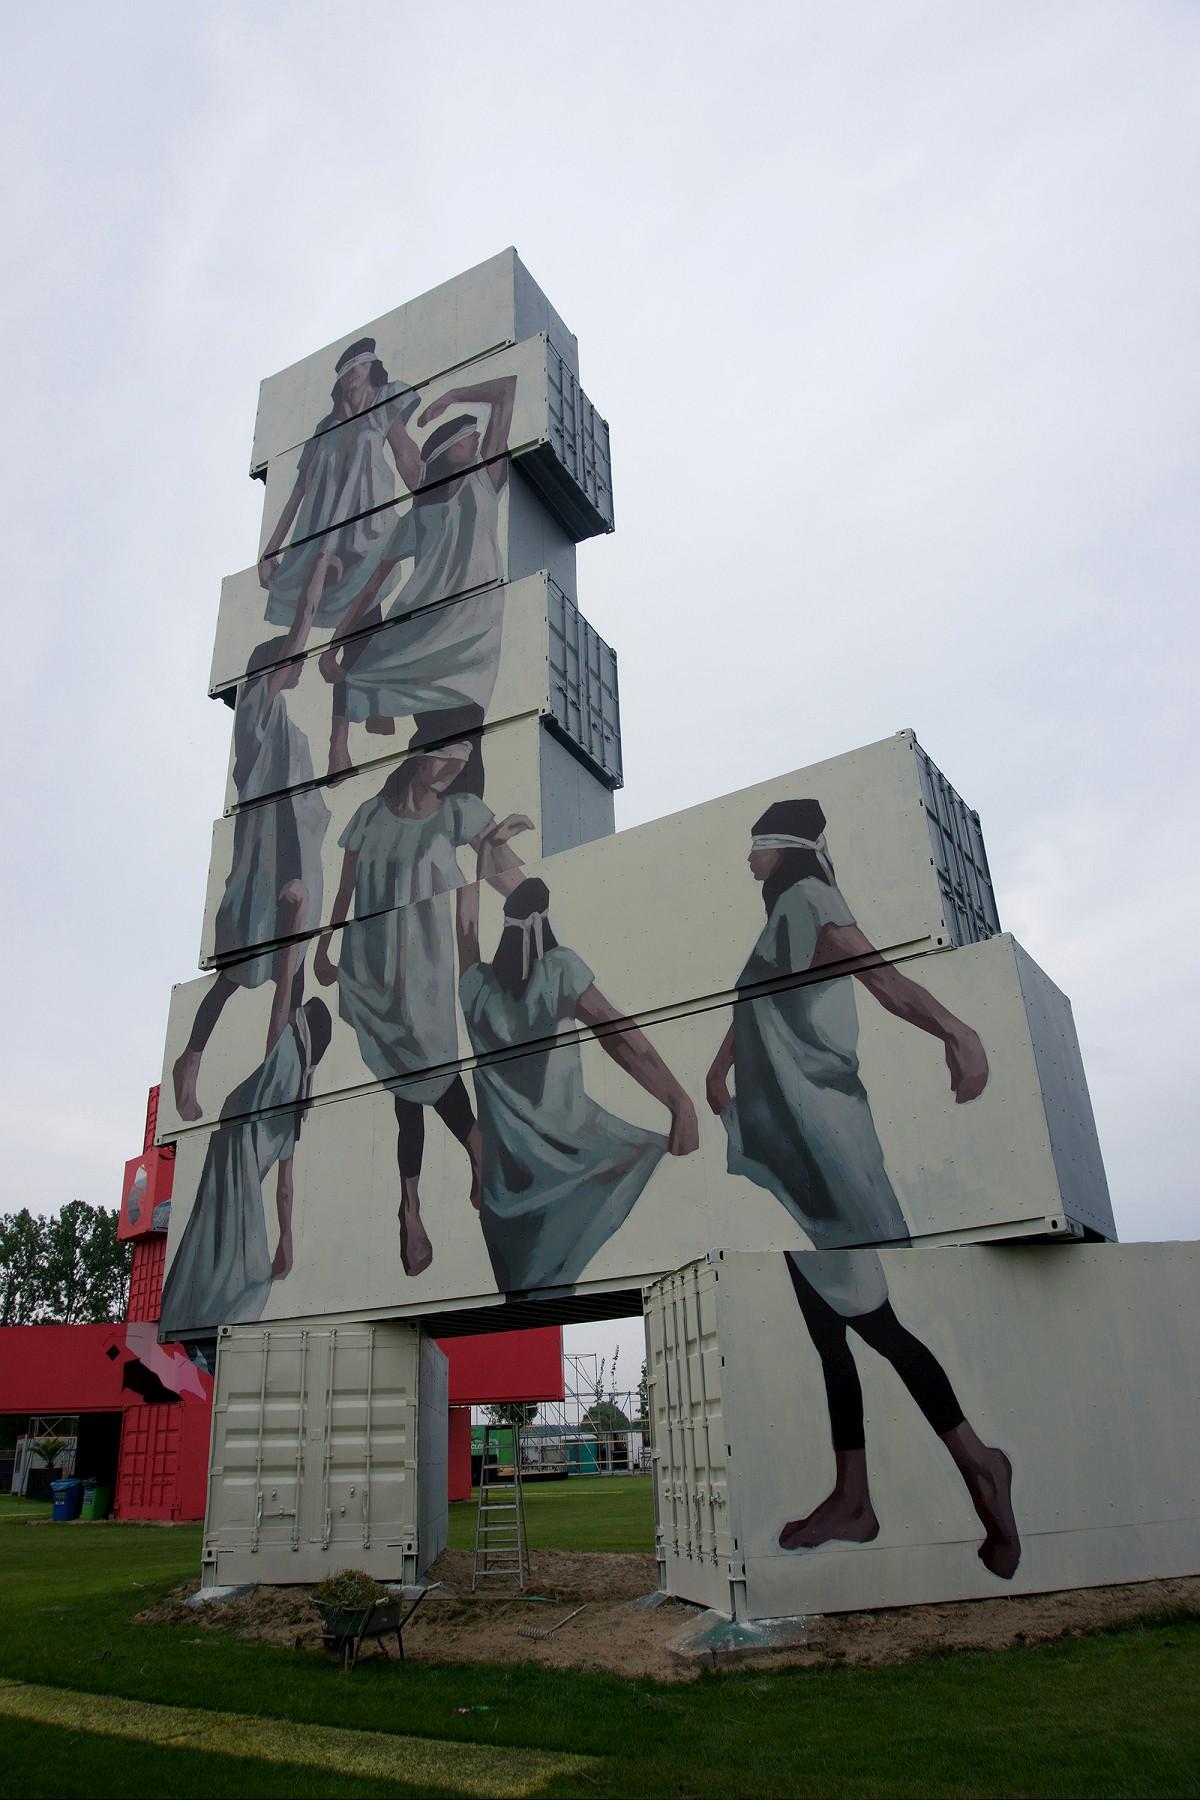 I nuovi incredibili lavori della street artist Hyuro | Collater.al